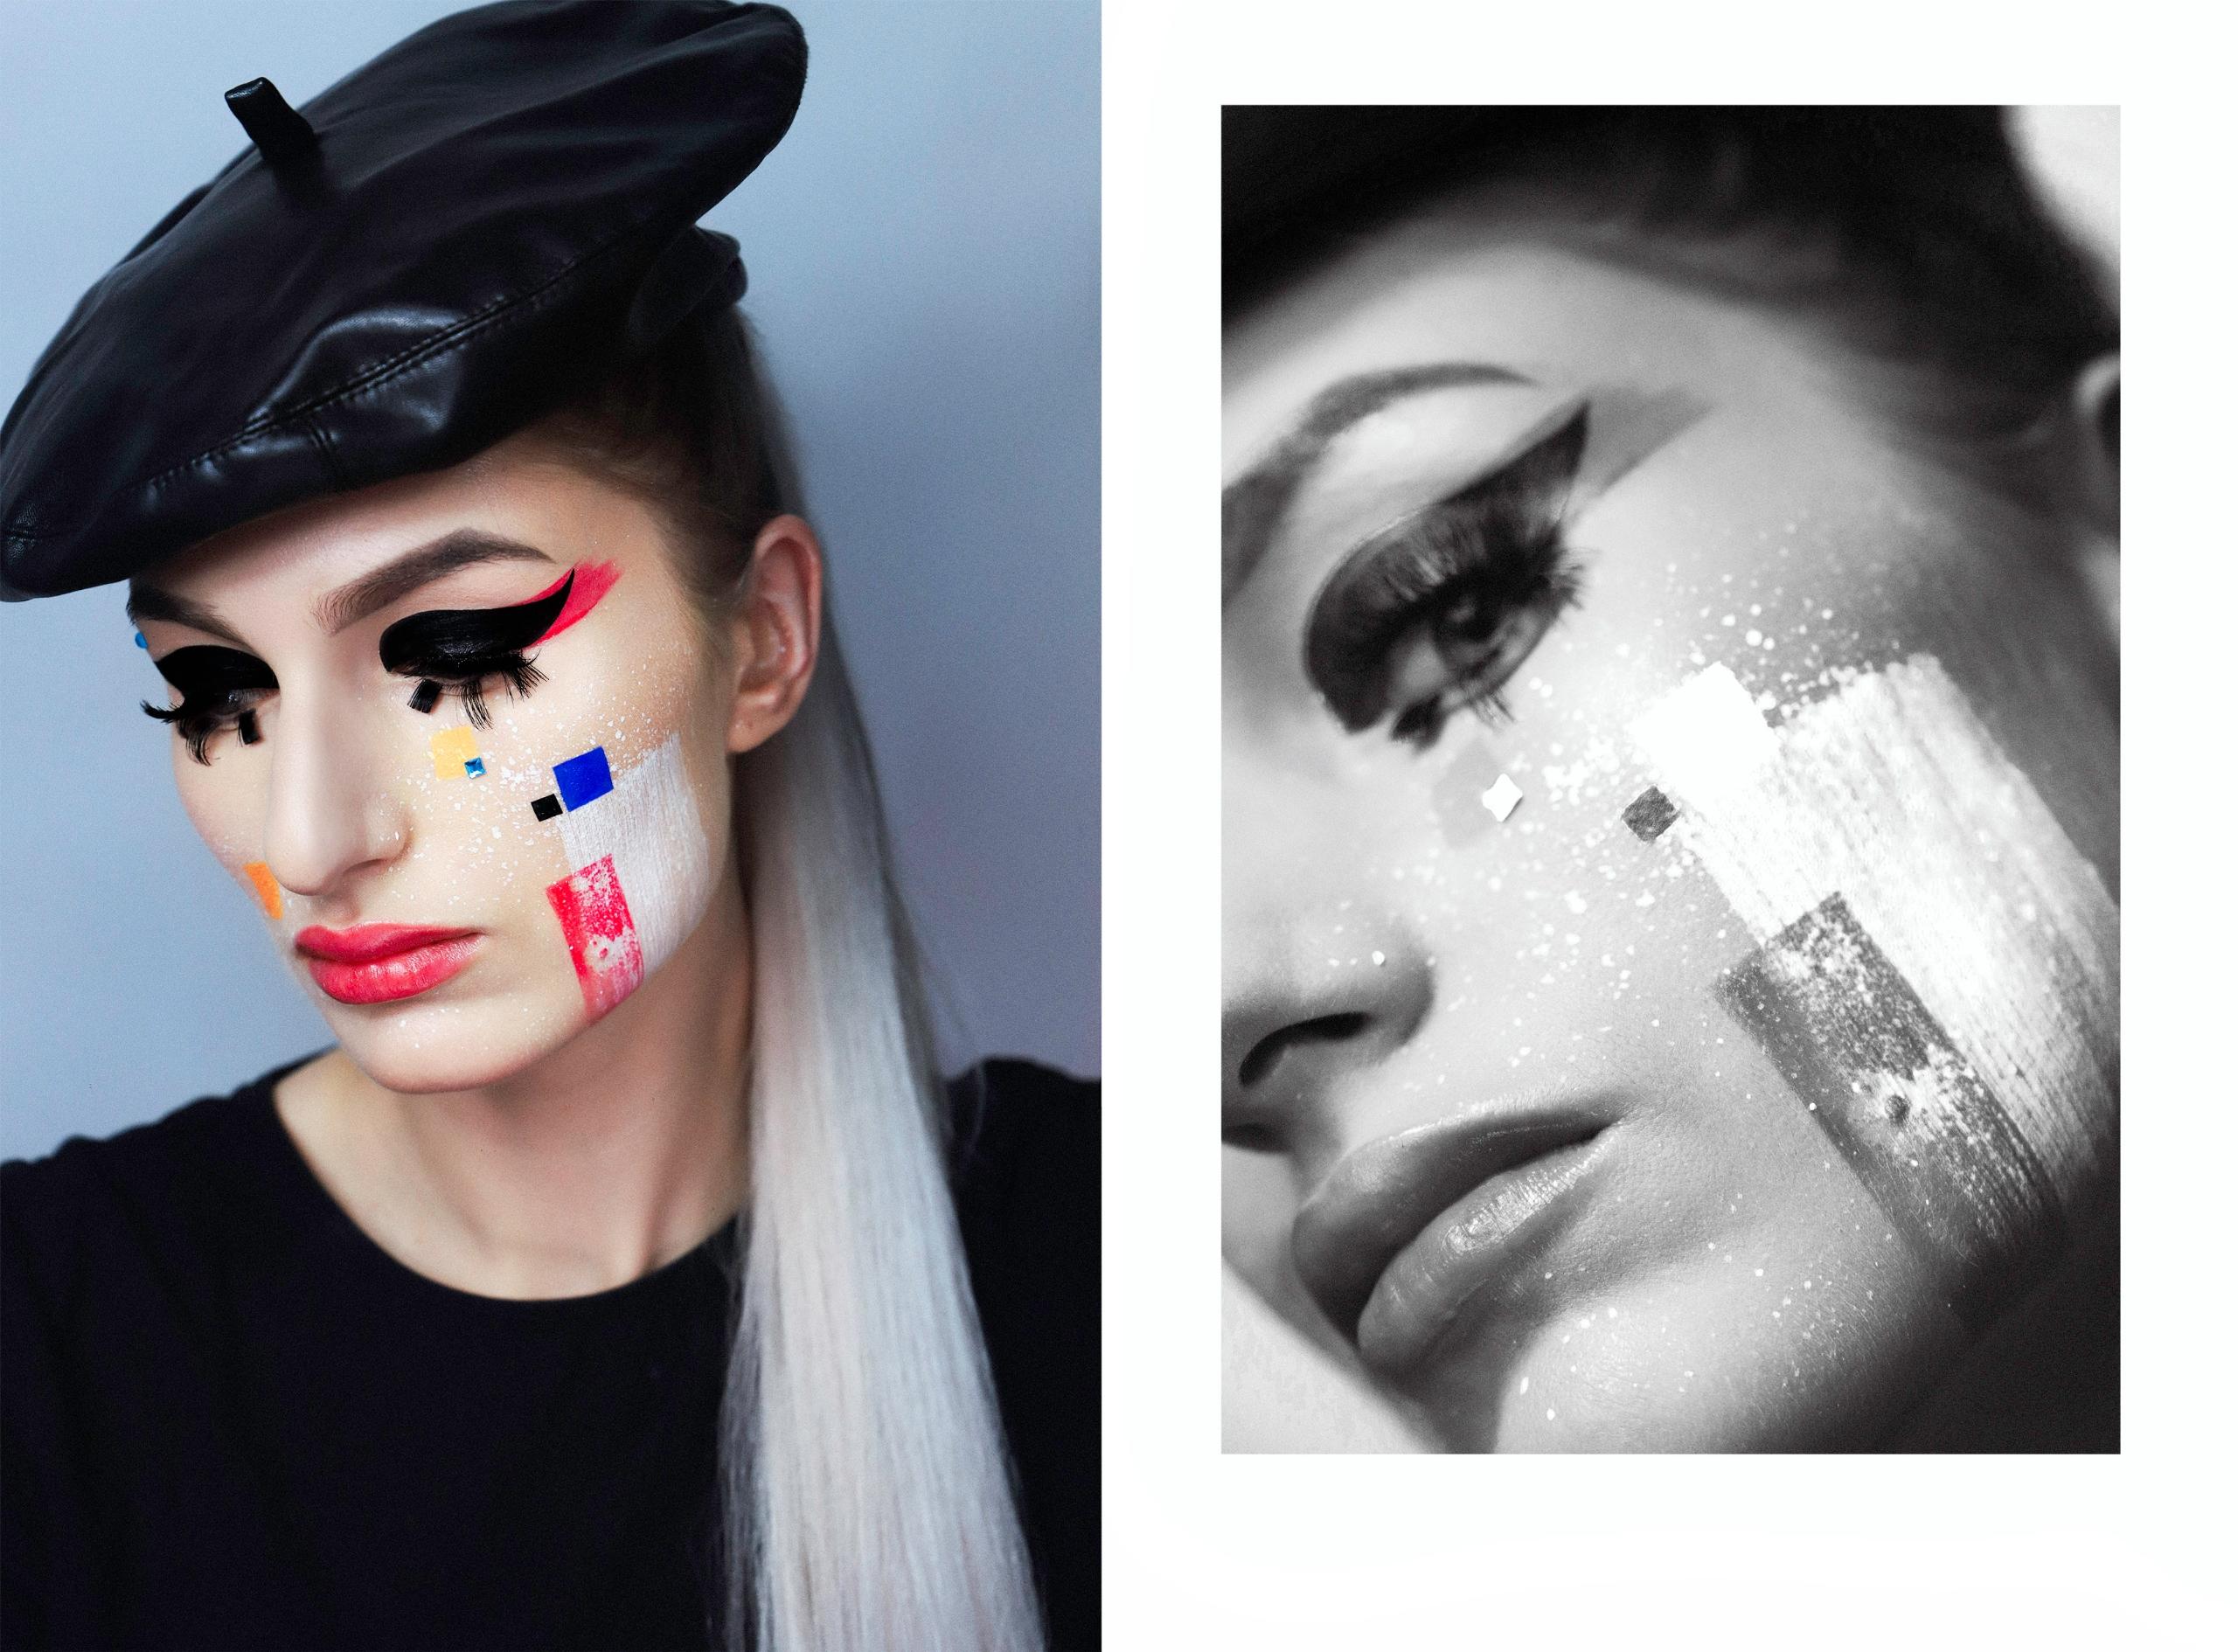 Obraz przedstawia dwa zdjęcia. Jedno z nich jest kolorowym portretem kobiety w czarnym berecie. Z lewej strony czarno-białe zbliżenie na twarz kobiety wpisane zostało w geometryczny kształt.